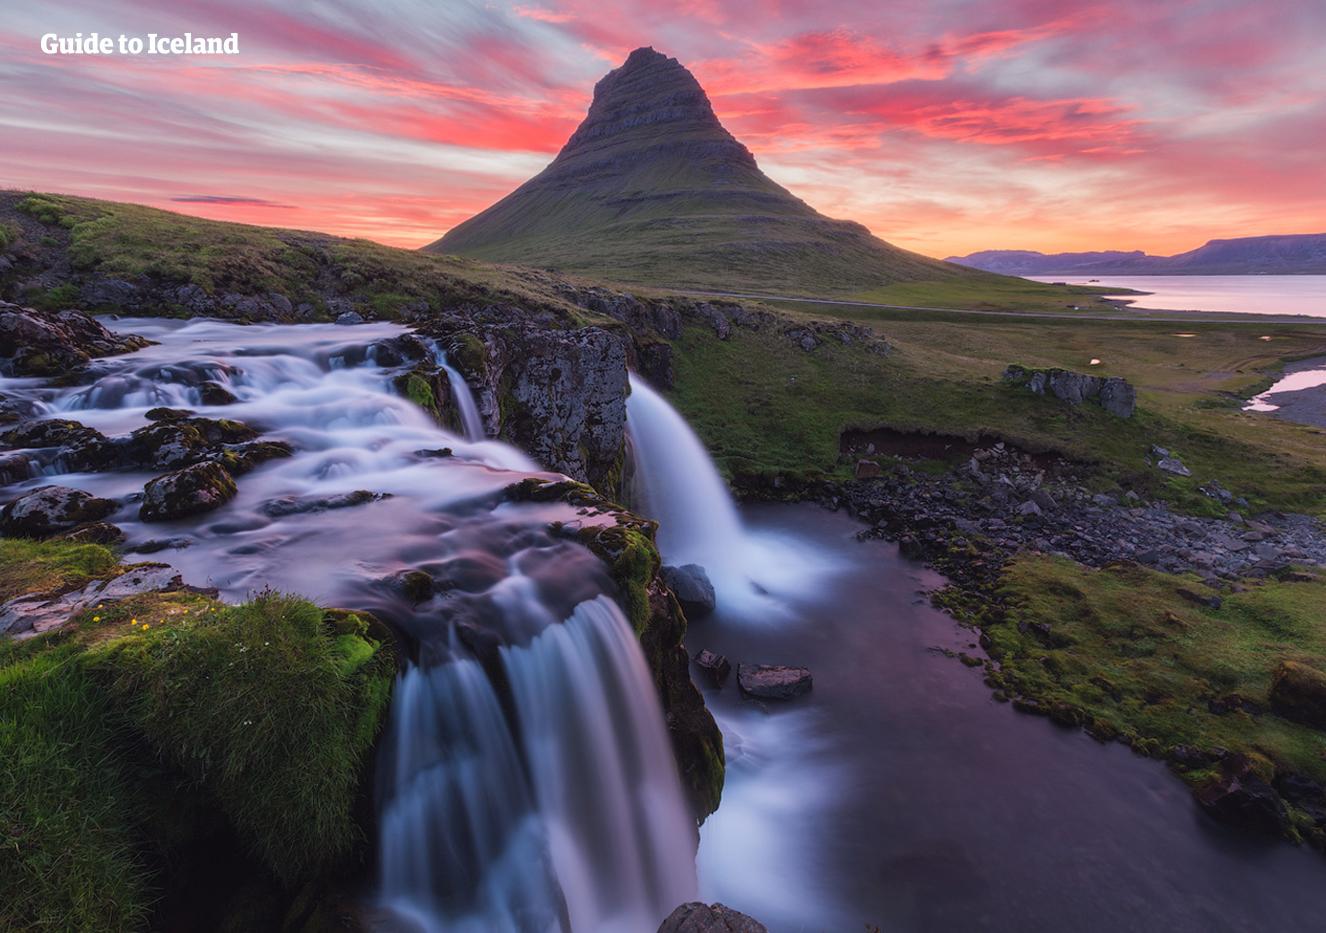 冰岛西部的斯奈山半岛是著名的冰岛景区,教会山(也即草帽山)极受摄影师的欢迎。